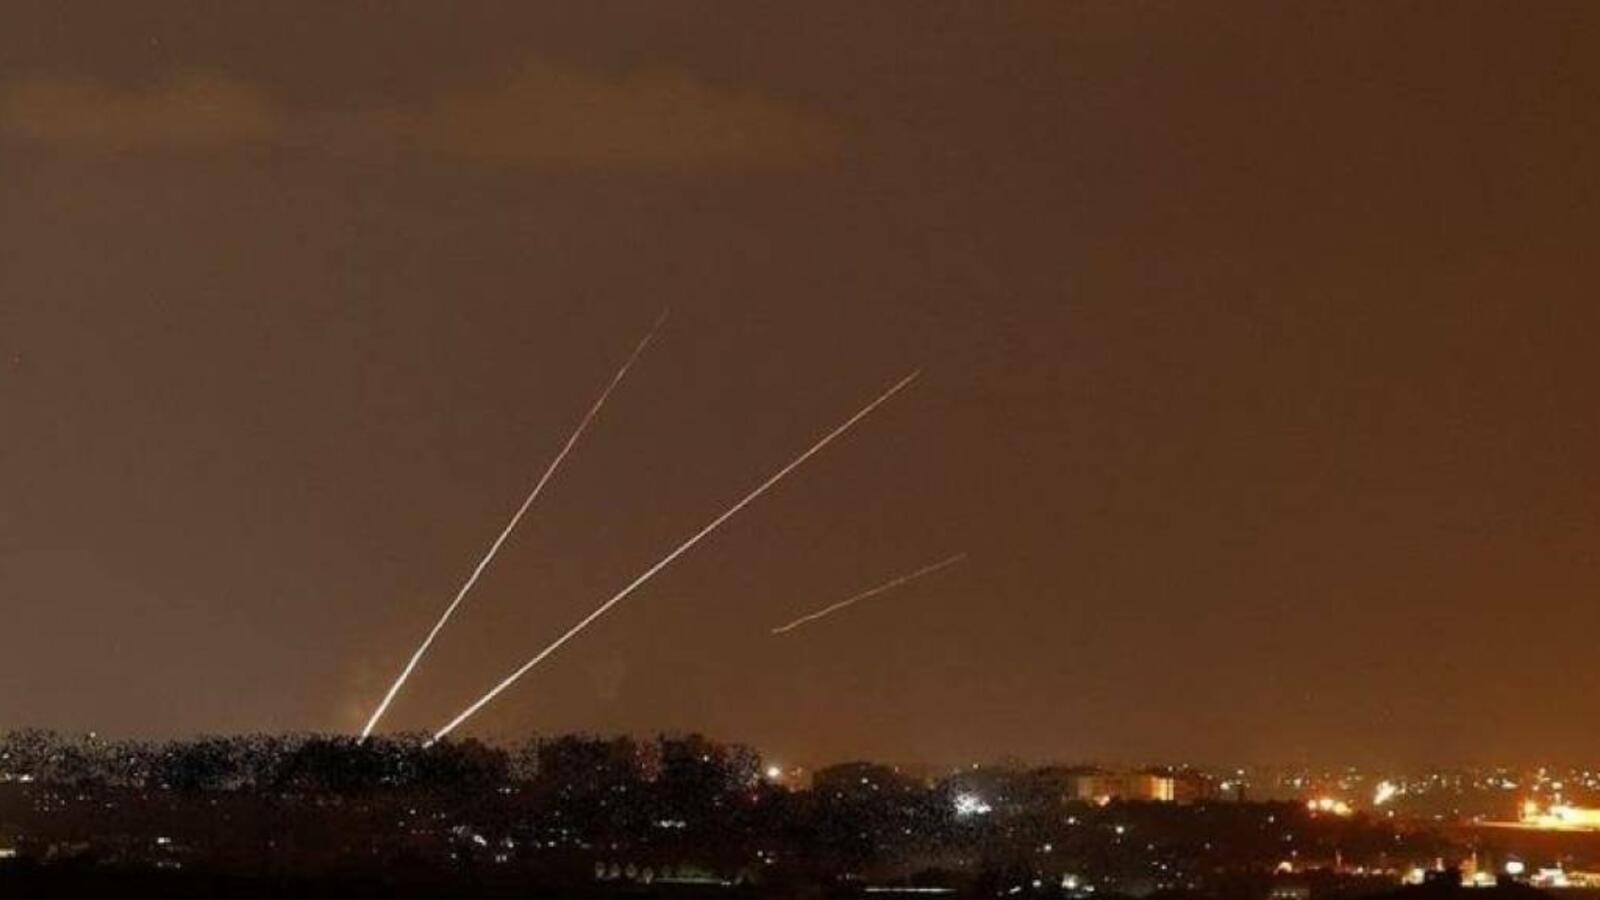 إعلام عبري: اطلاق صواريخ من قطاع غزة والقبة الحديدية تعترض